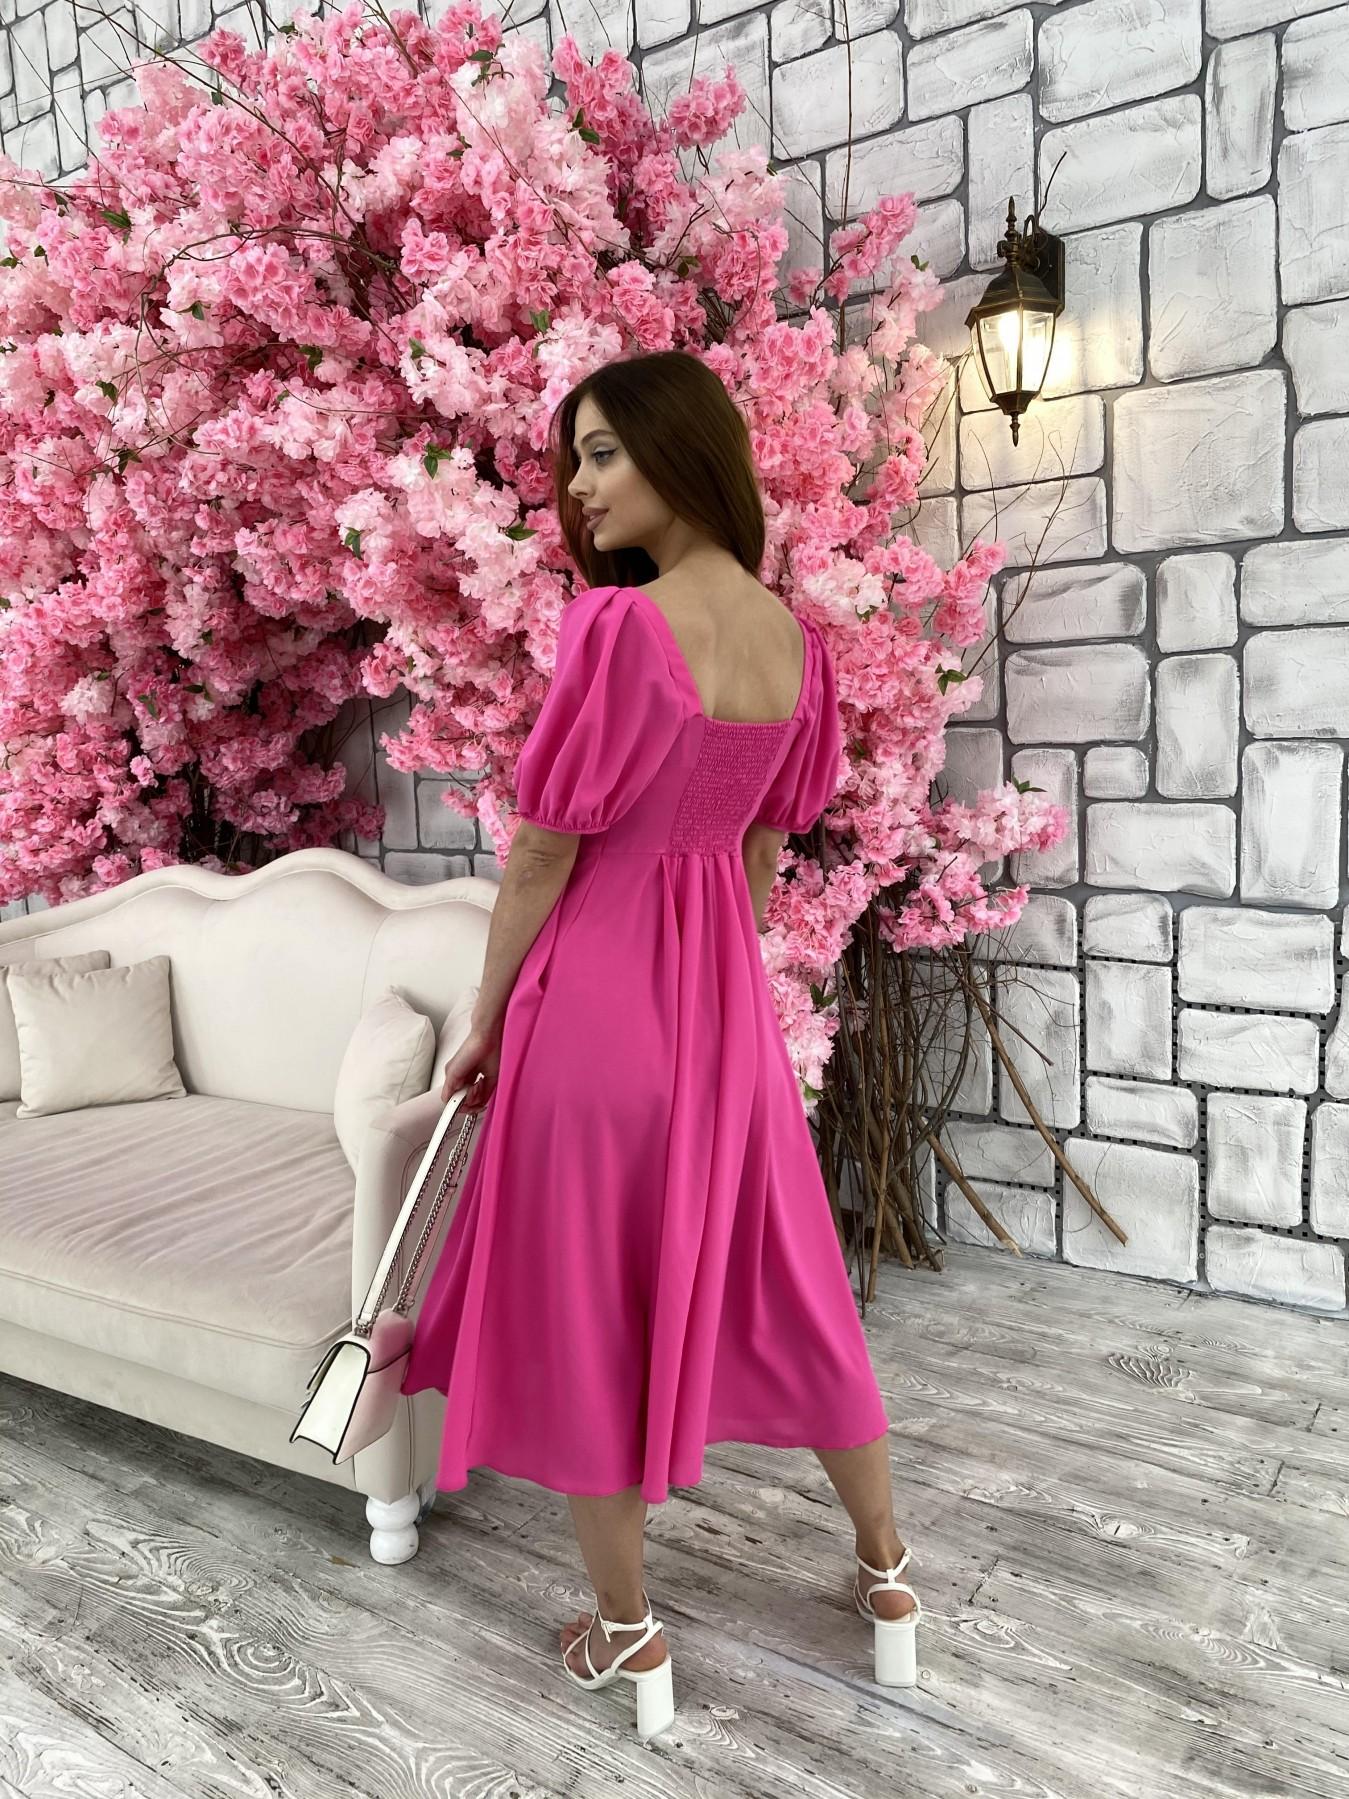 Кисес Миди платье из шифона креп 11443 АРТ. 48015 Цвет: Малиновый - фото 10, интернет магазин tm-modus.ru